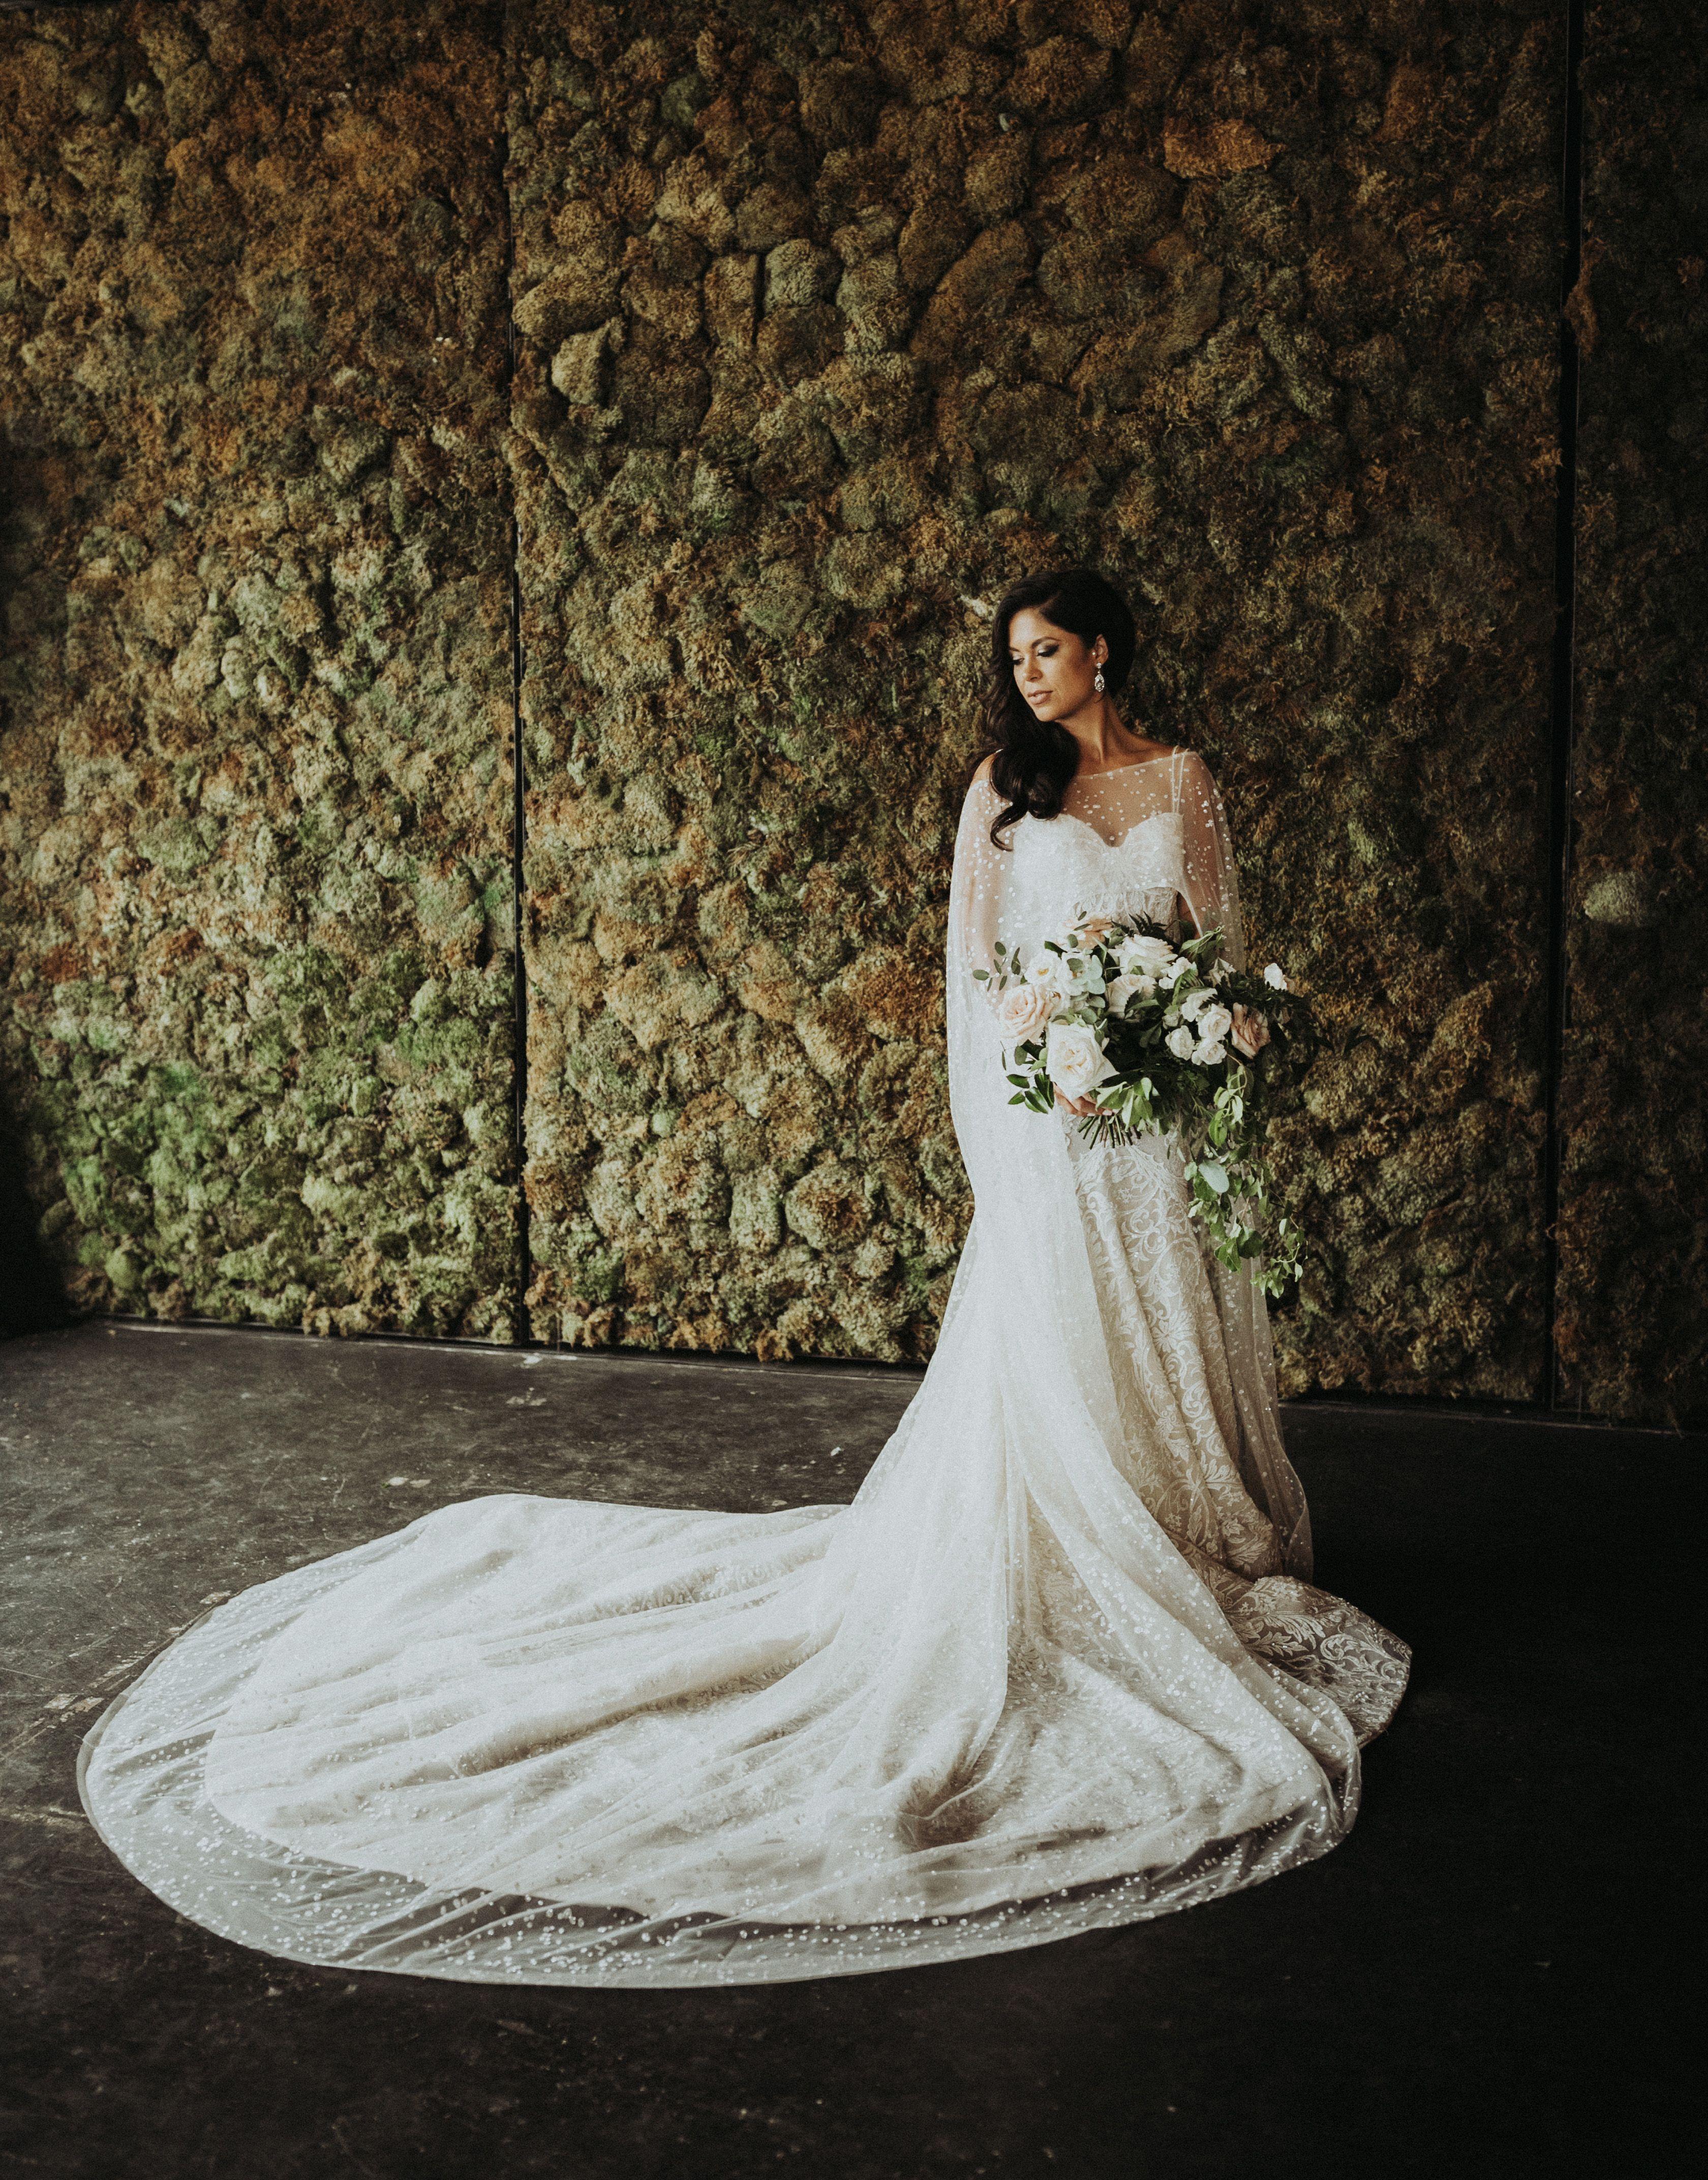 Bride, Bridal Bouquet, Long Train, White Flowers, Moss